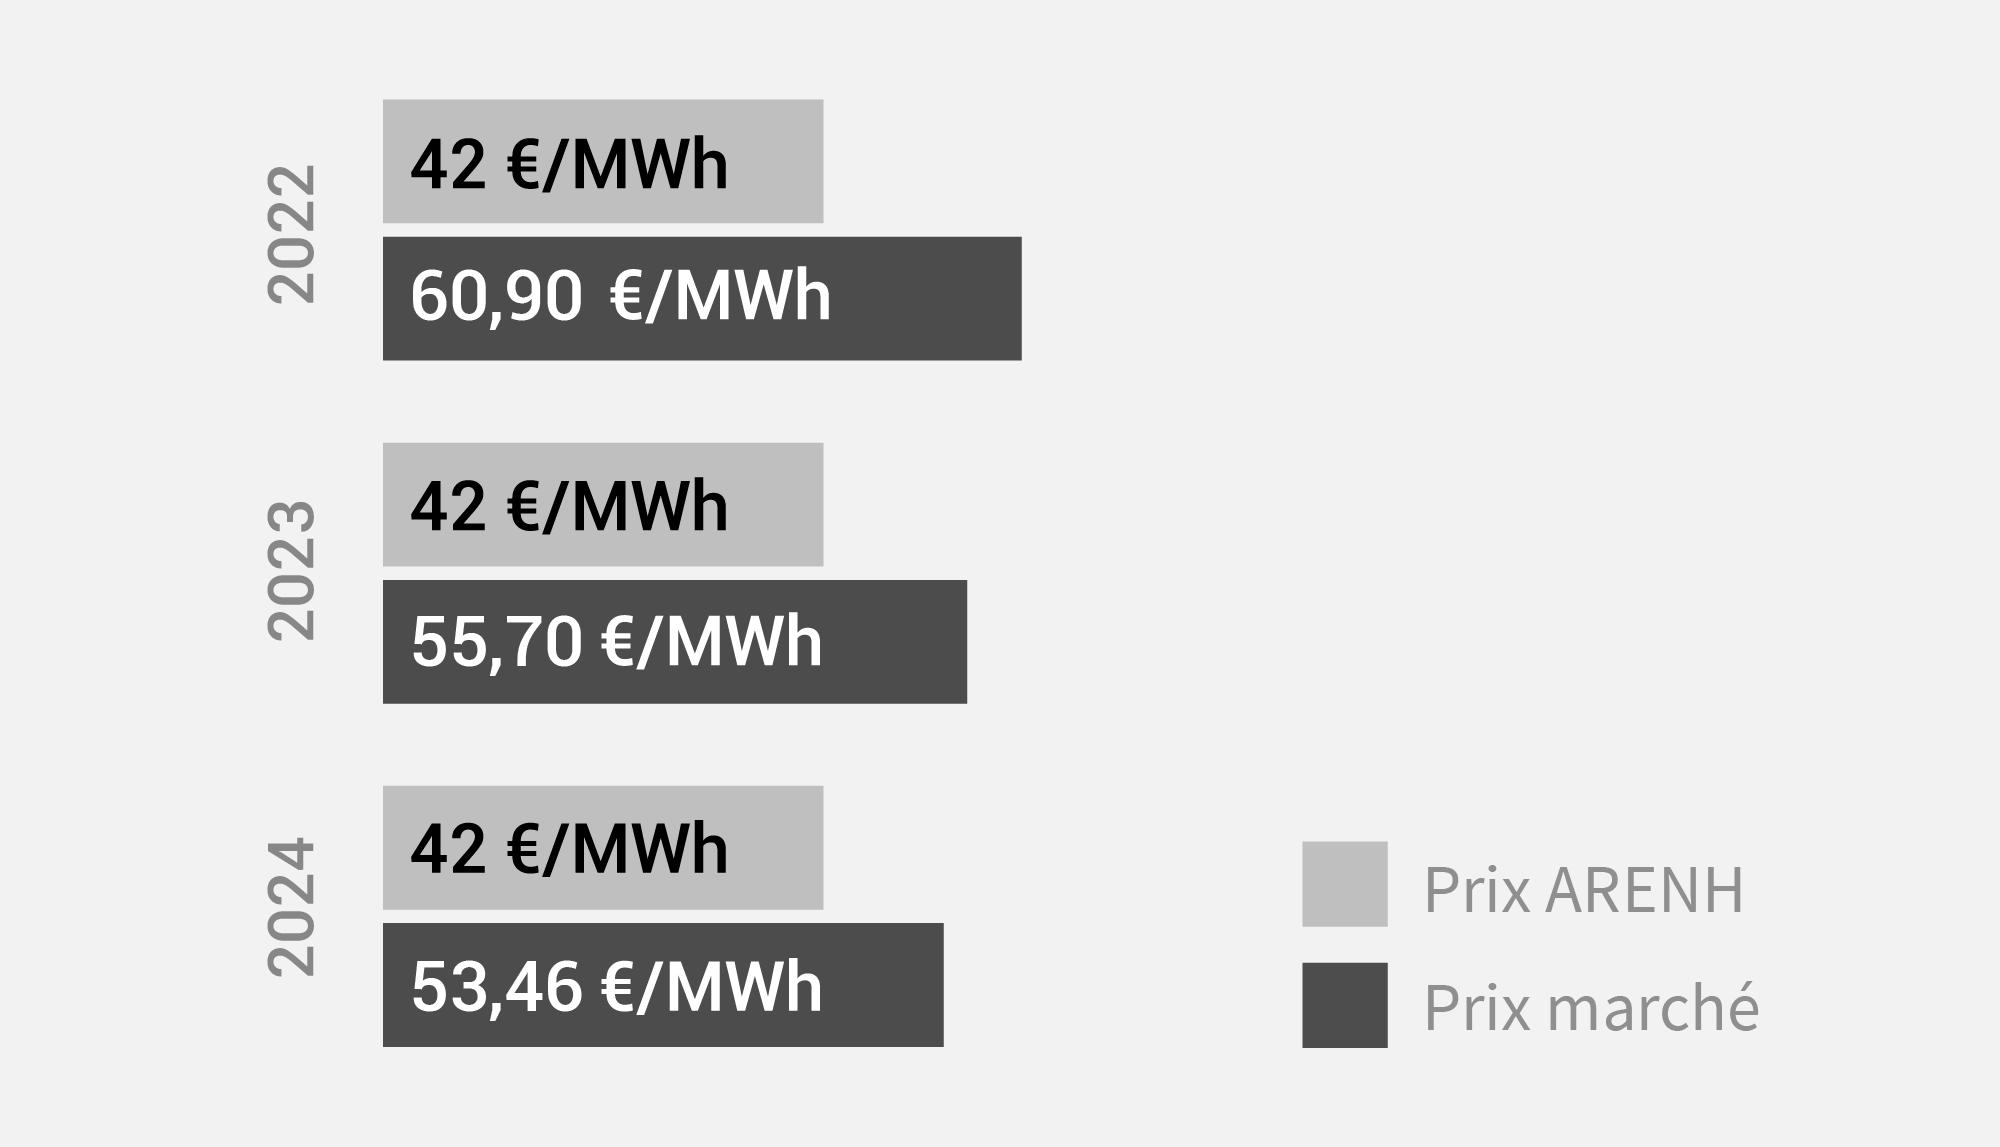 opera energie prix arenh mai 2021